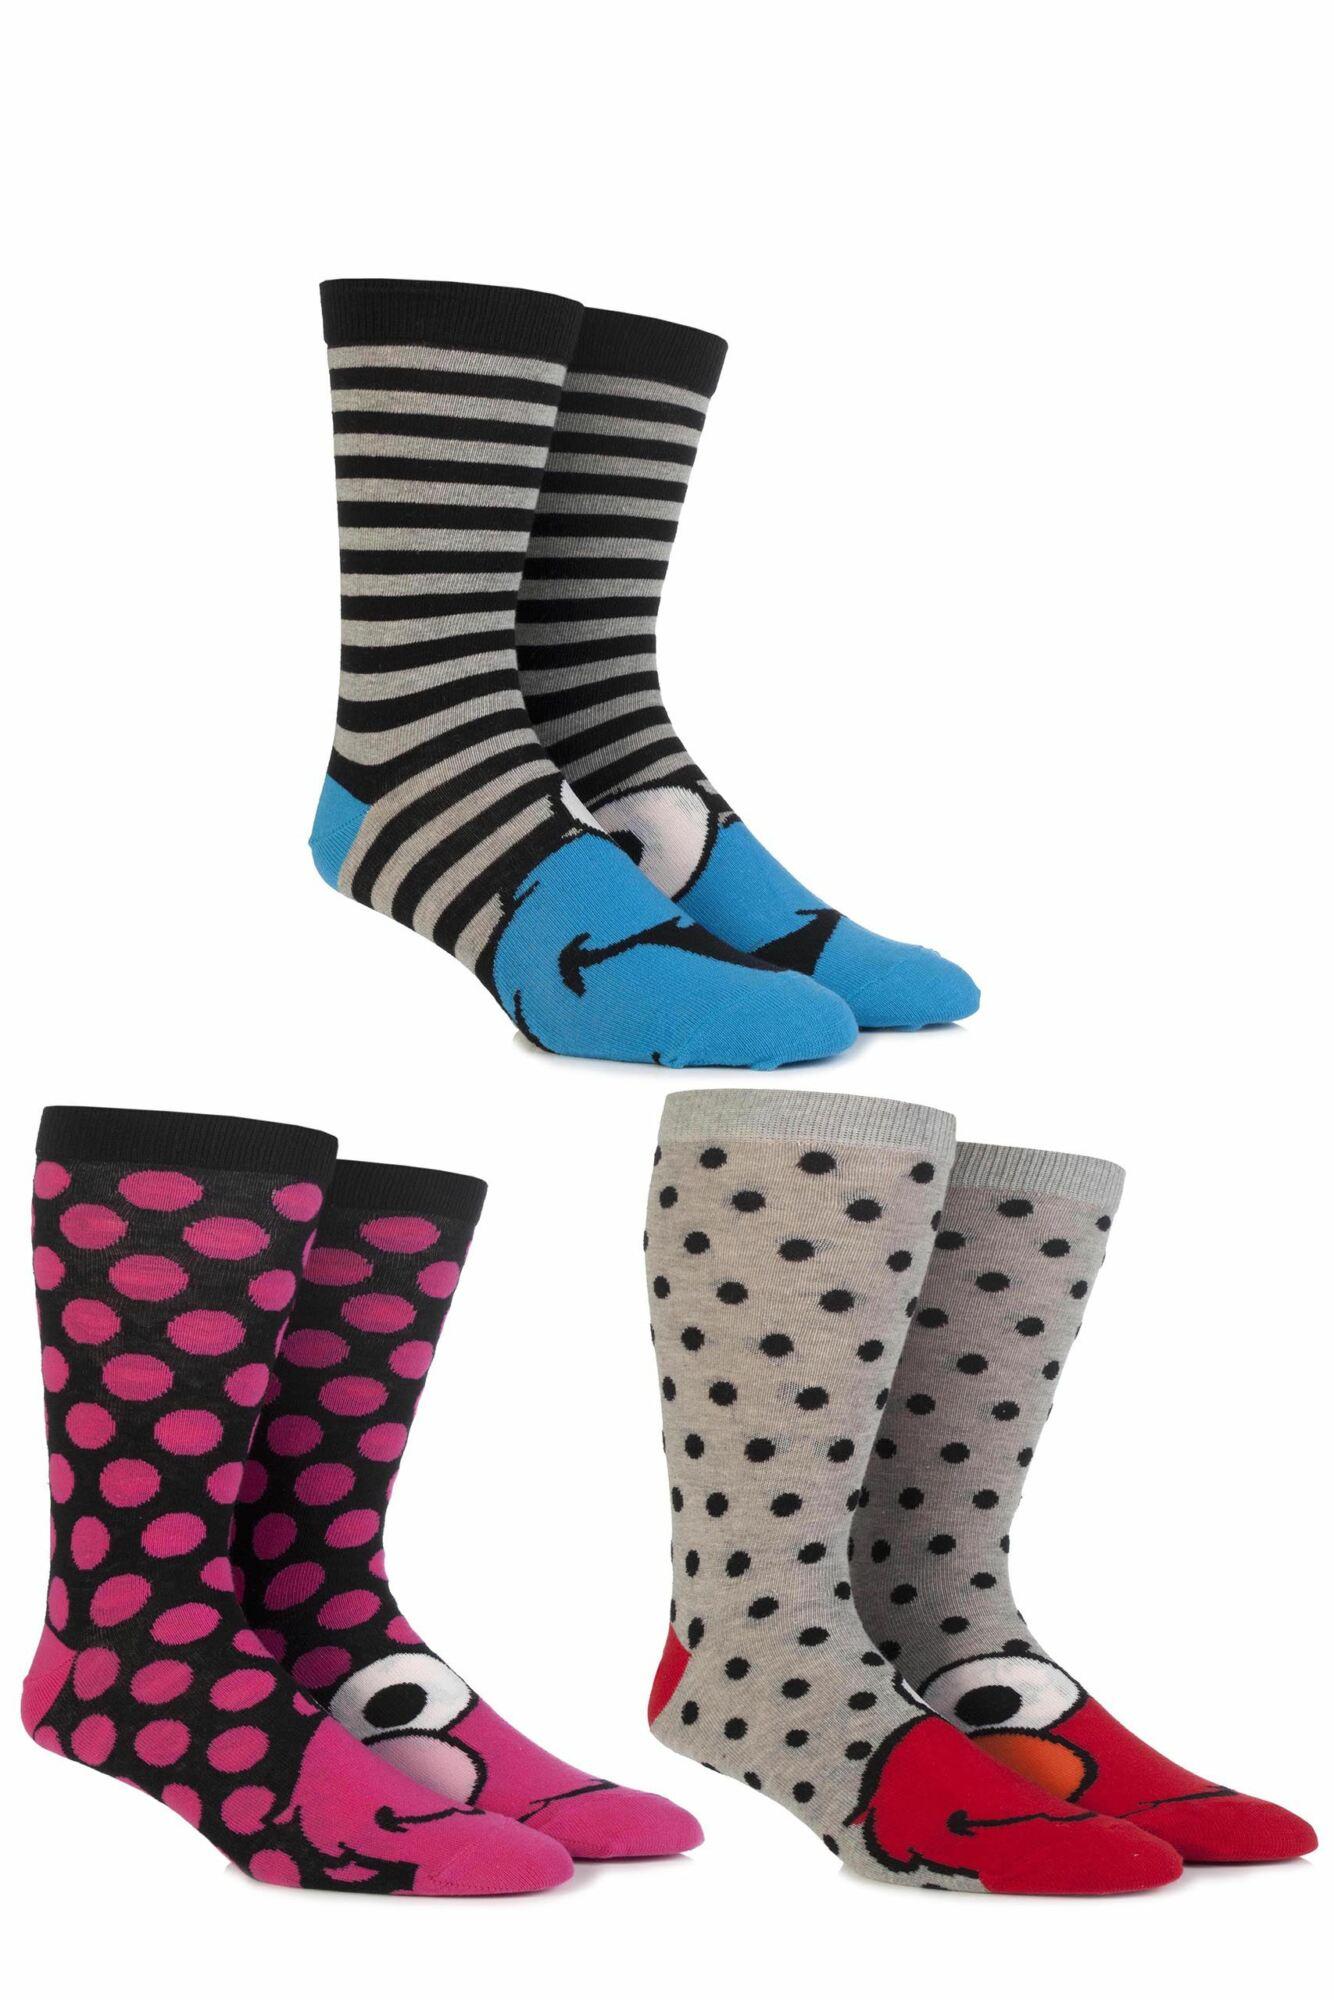 3 Pair Sesame Street Socks Ladies - Film & TV Characters